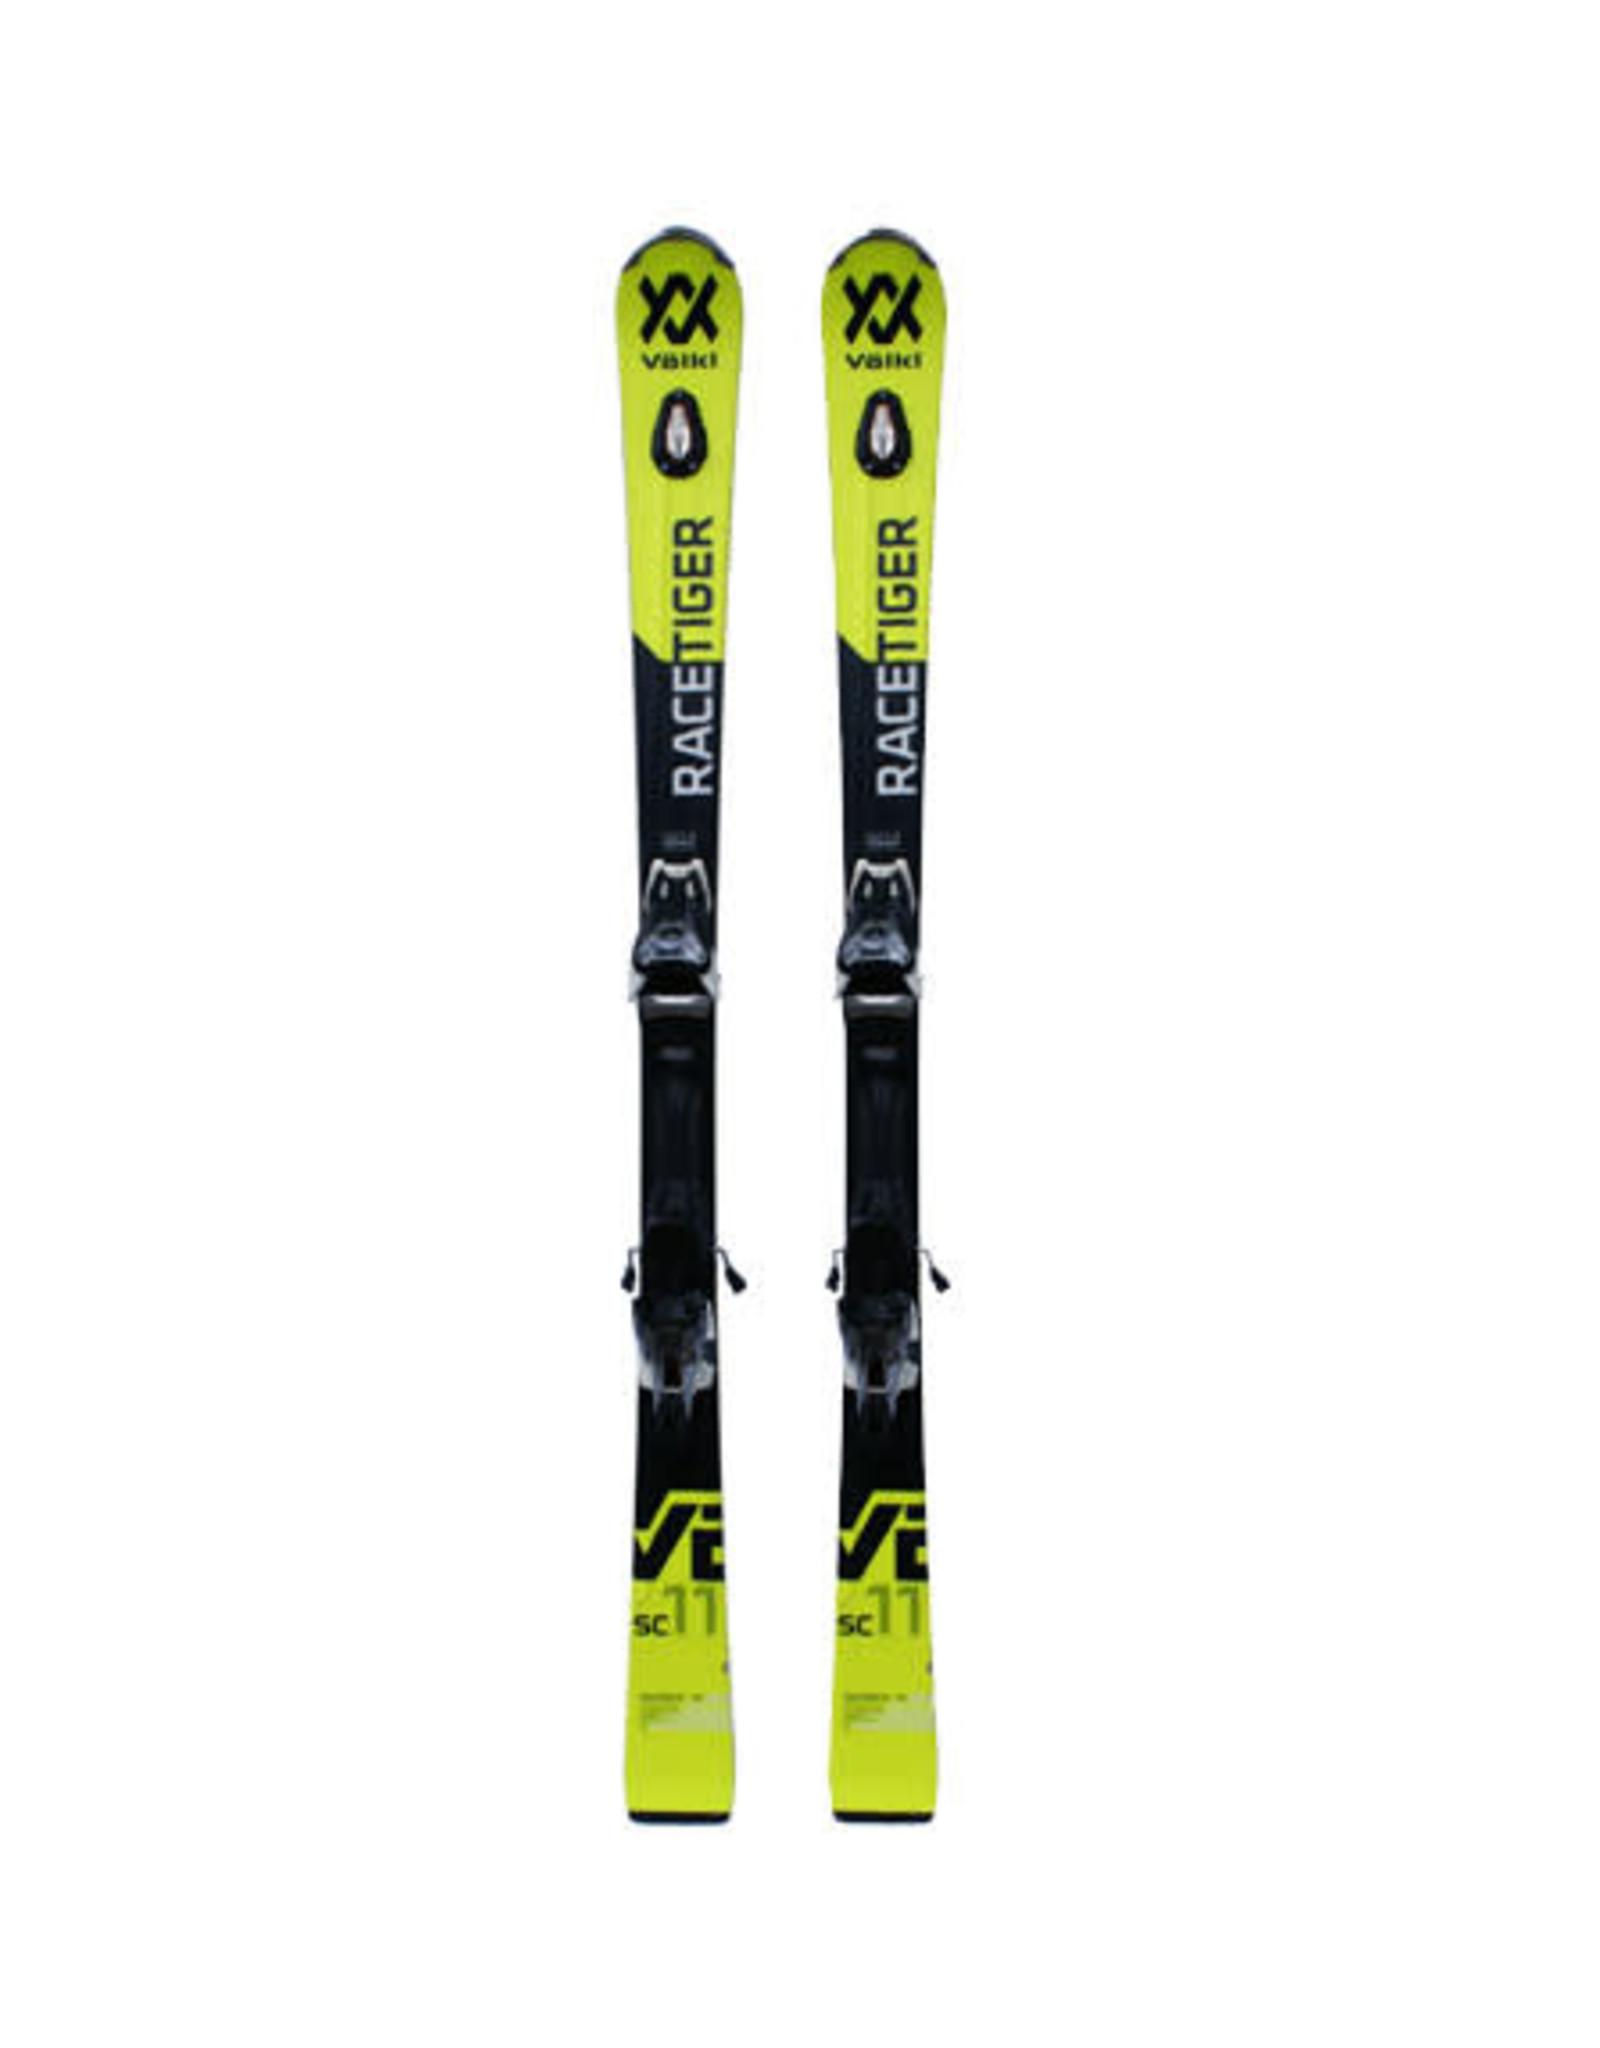 VOLKL Volkl Racetiger SC UVO geel/zw Ski's Gebruikt